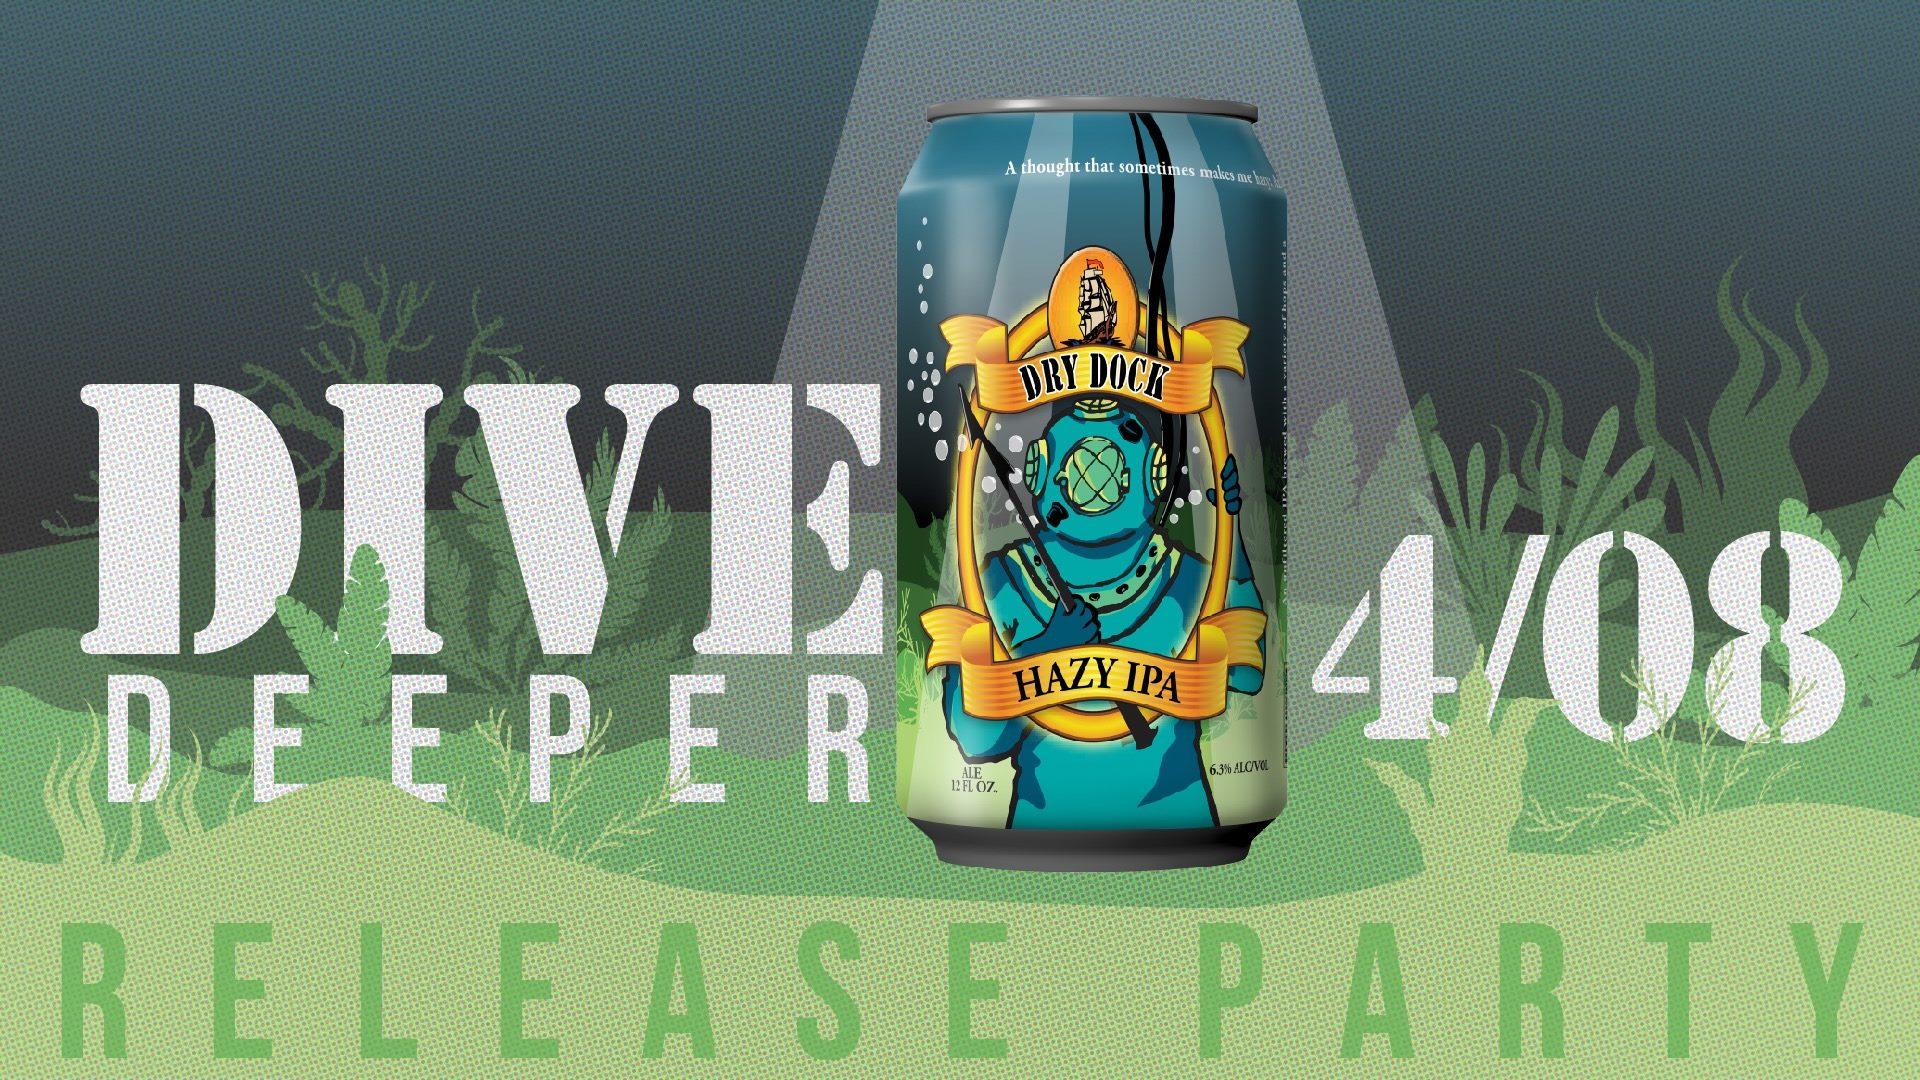 Dry Dock Hazy Beer Release, CBC 2019